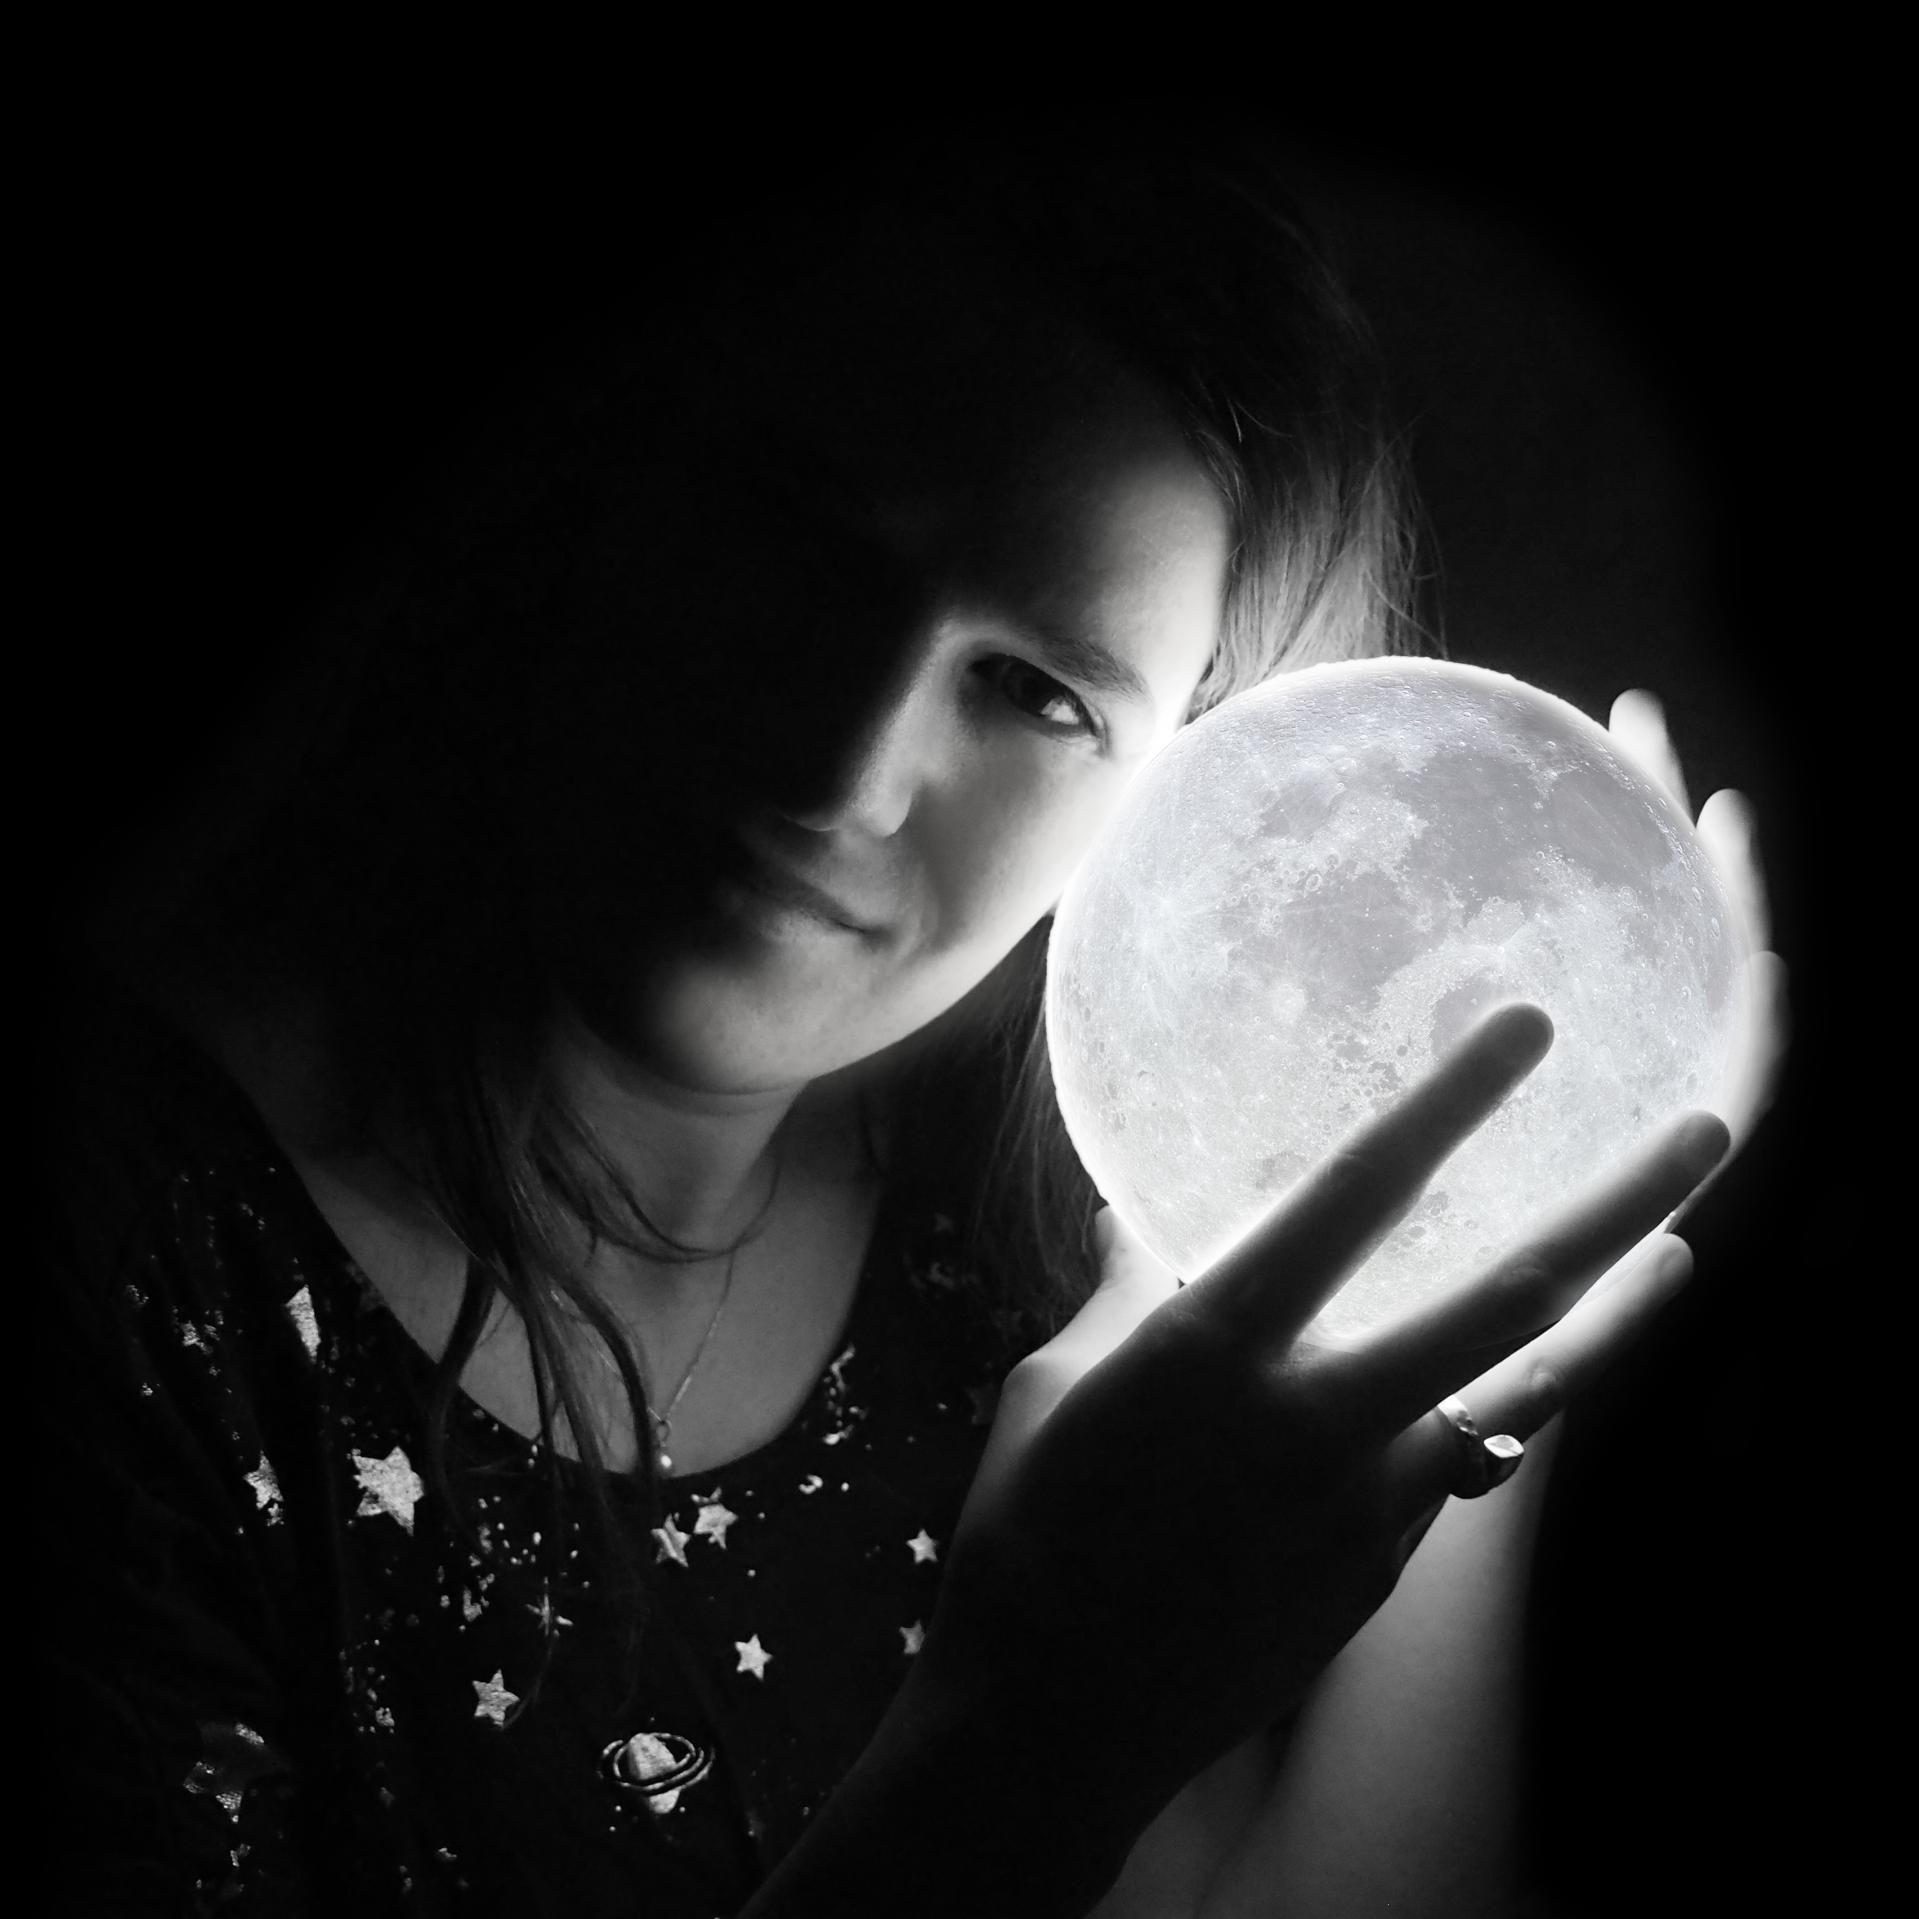 Moonlight cantata